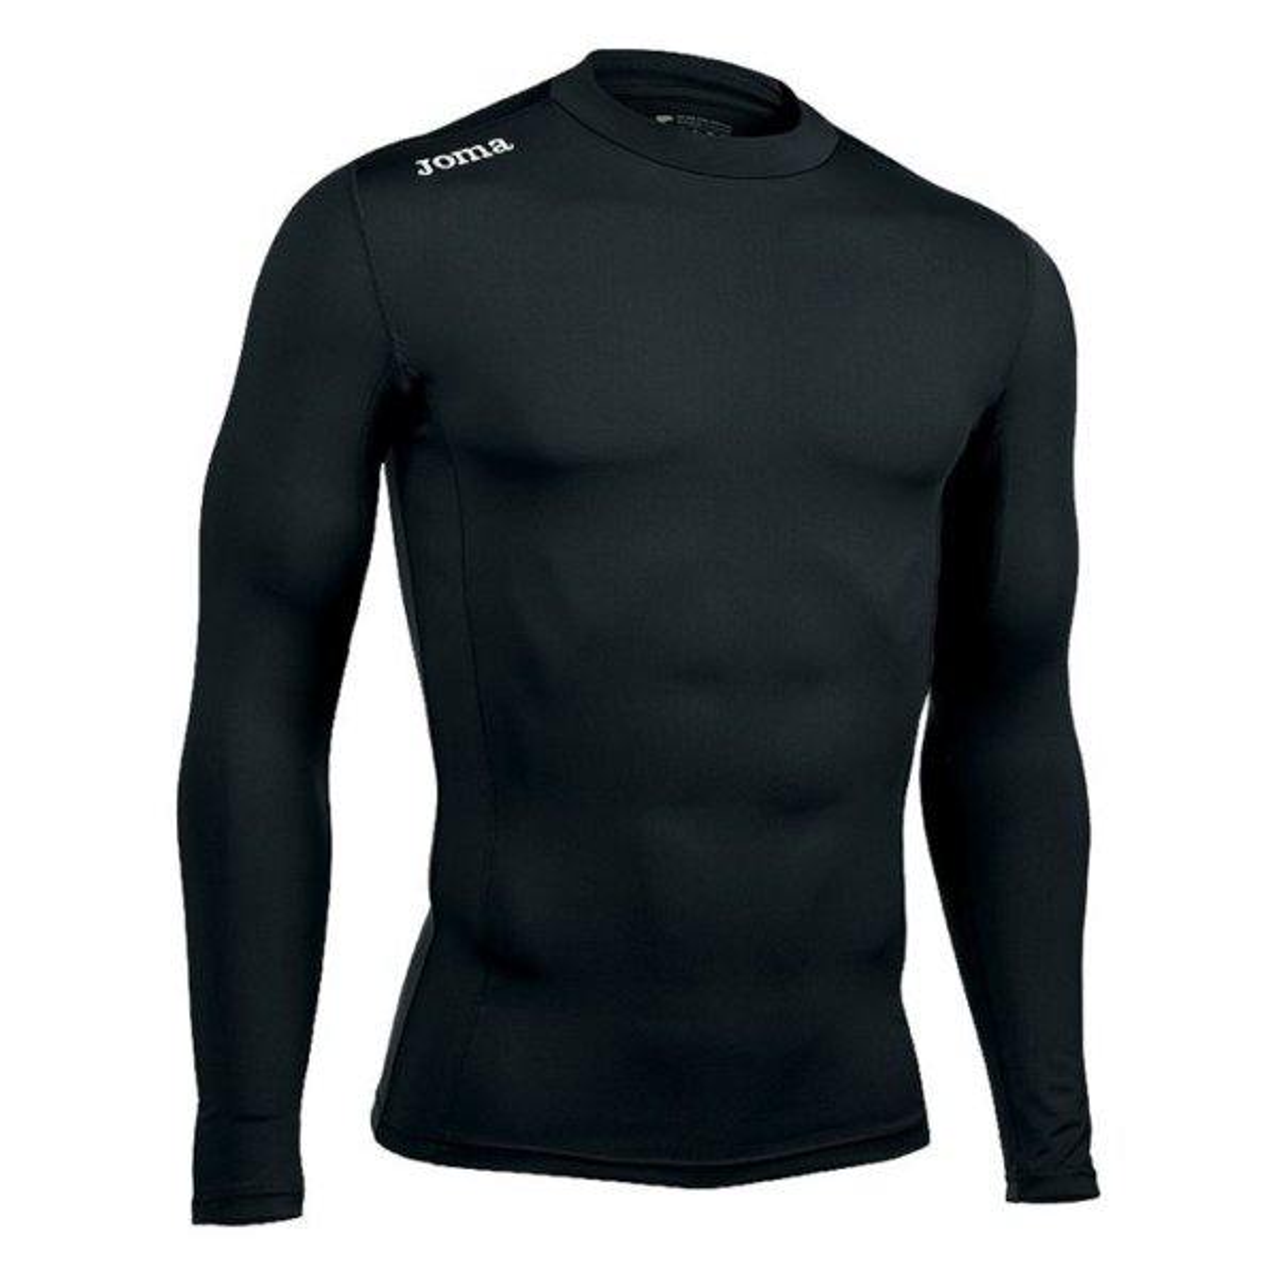 تی شرت ورزشی مردانه جوما مدل SEAMLESS 100